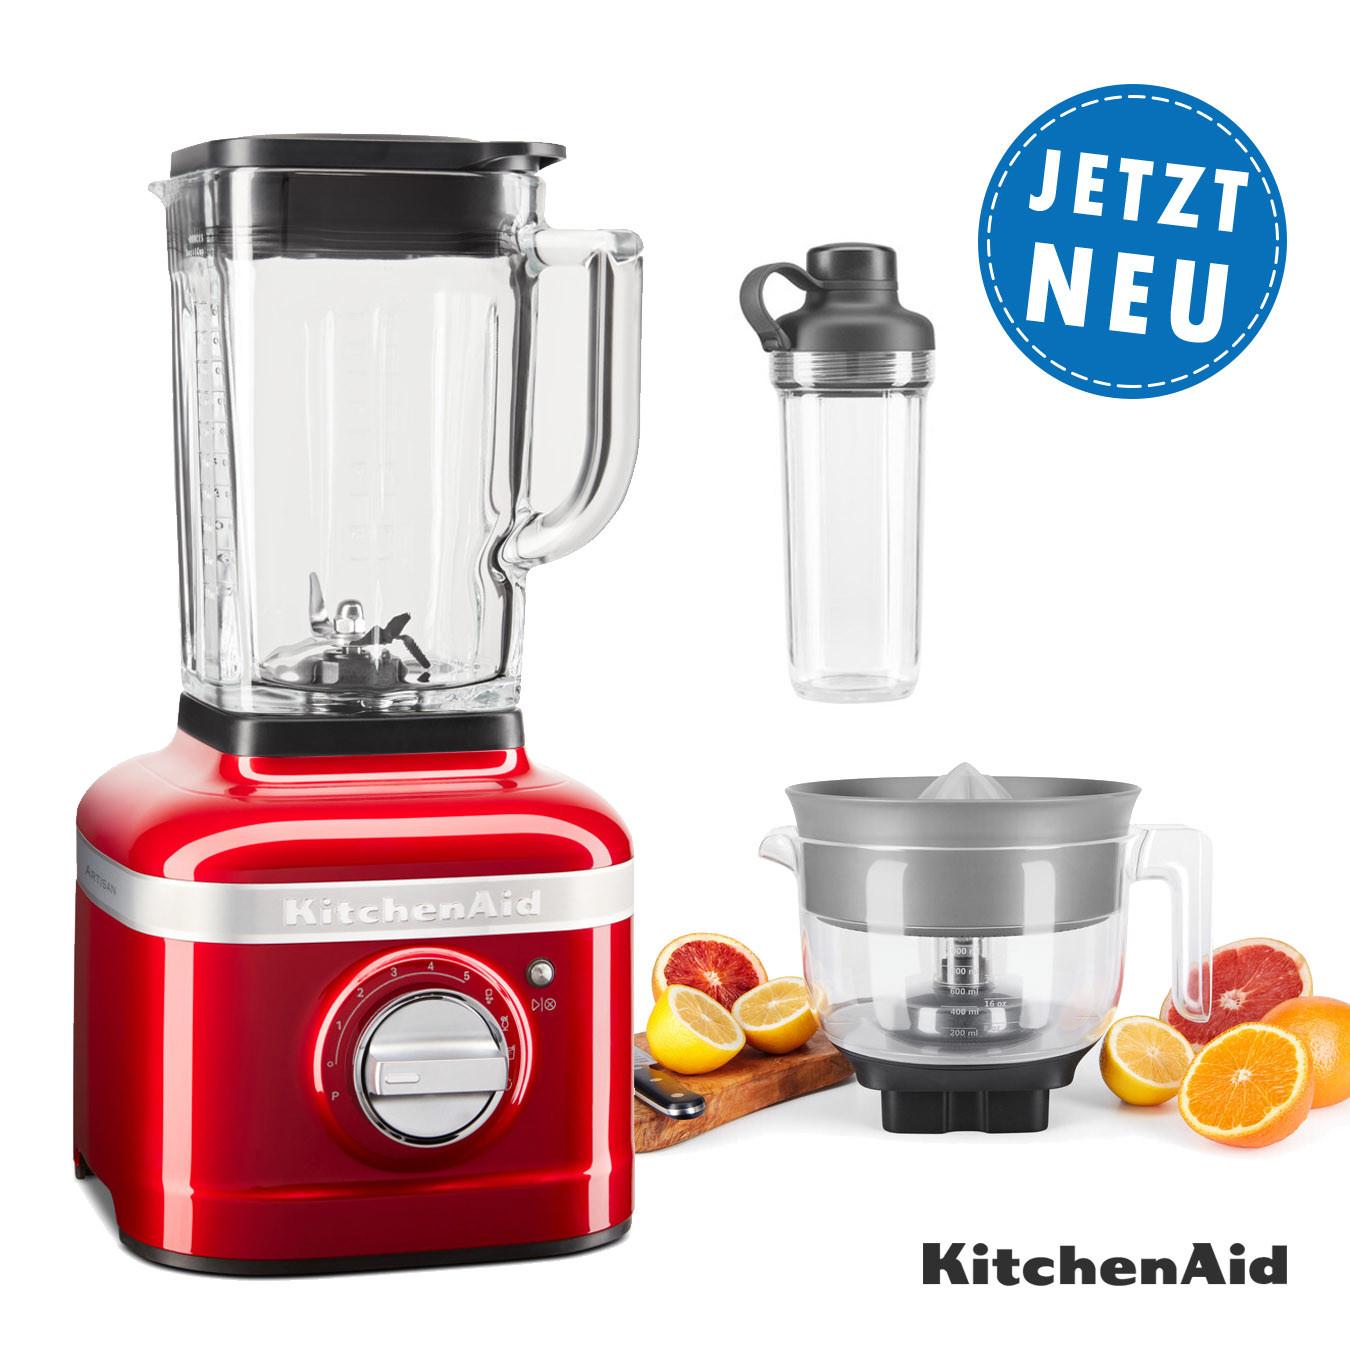 KitchenAid ARTISAN K400 Standmixer 5KSB4026EER mit Zitruspresse